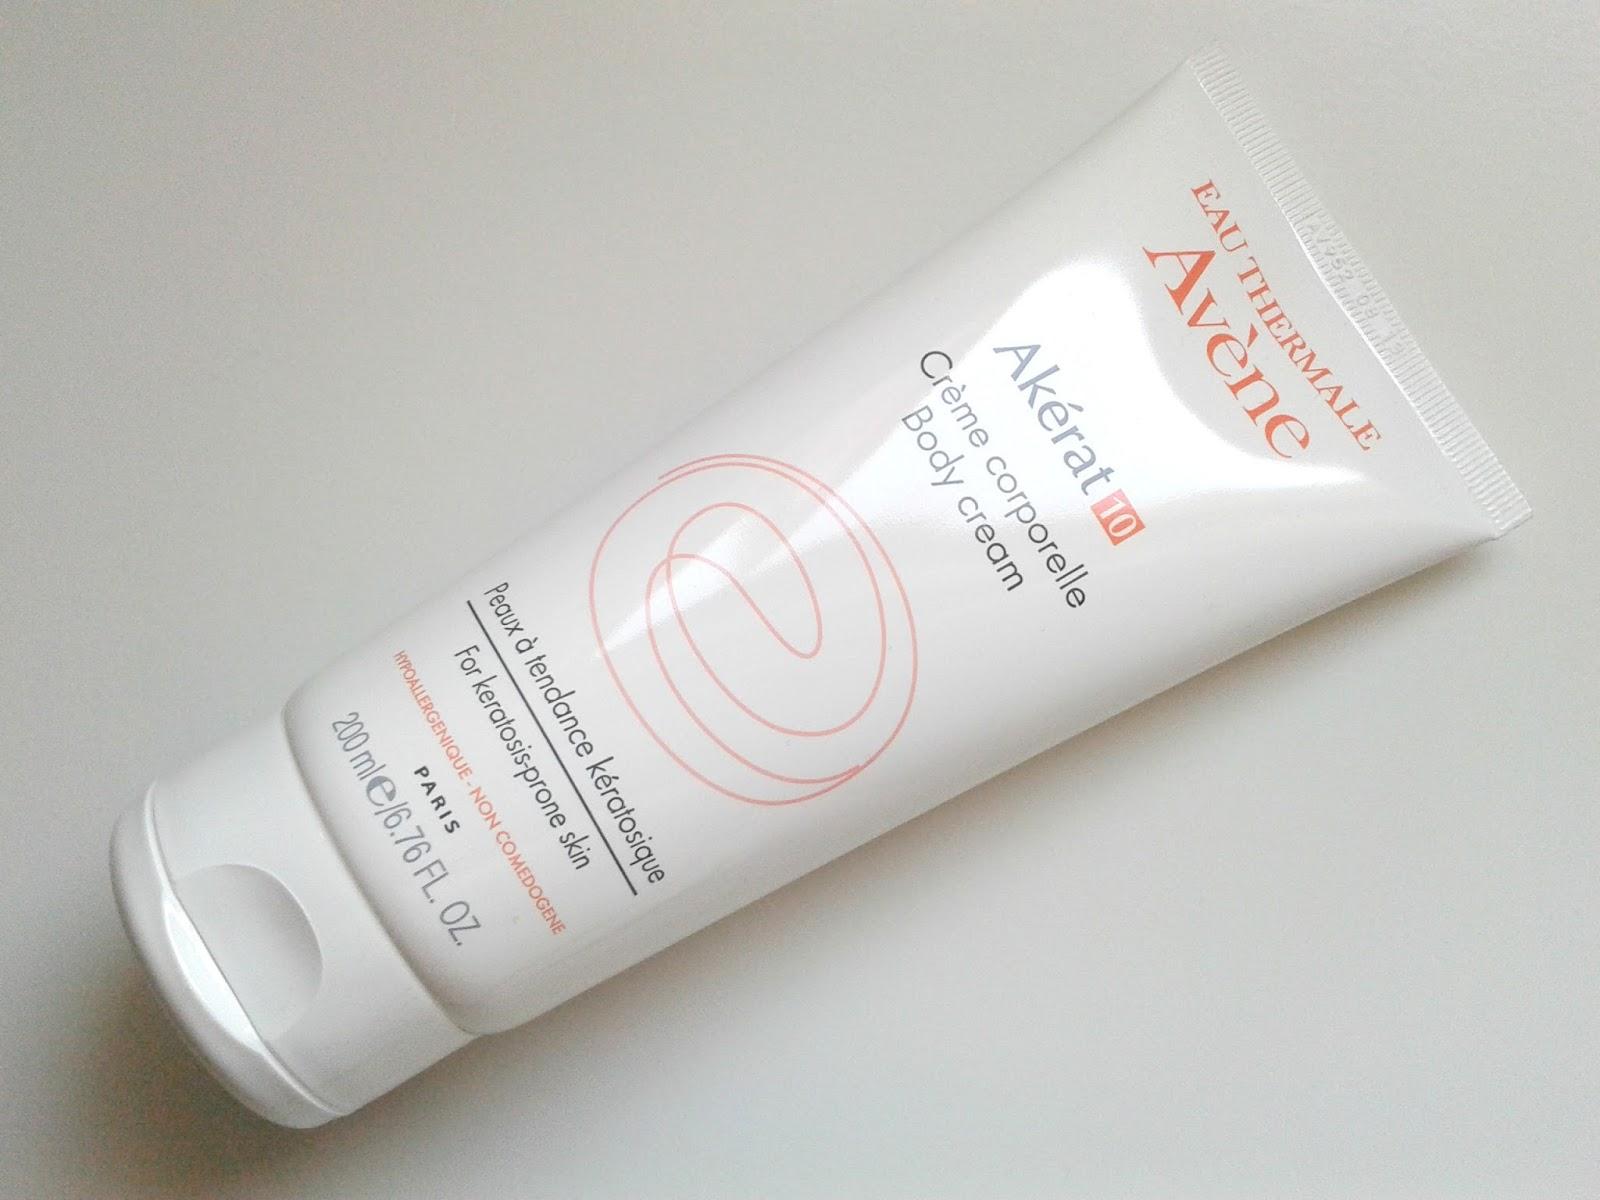 Avene Akerat Body Cream for Dry Skin Review Garden Pharmacy Ellis Tuesday's Summer Sun-days: Body